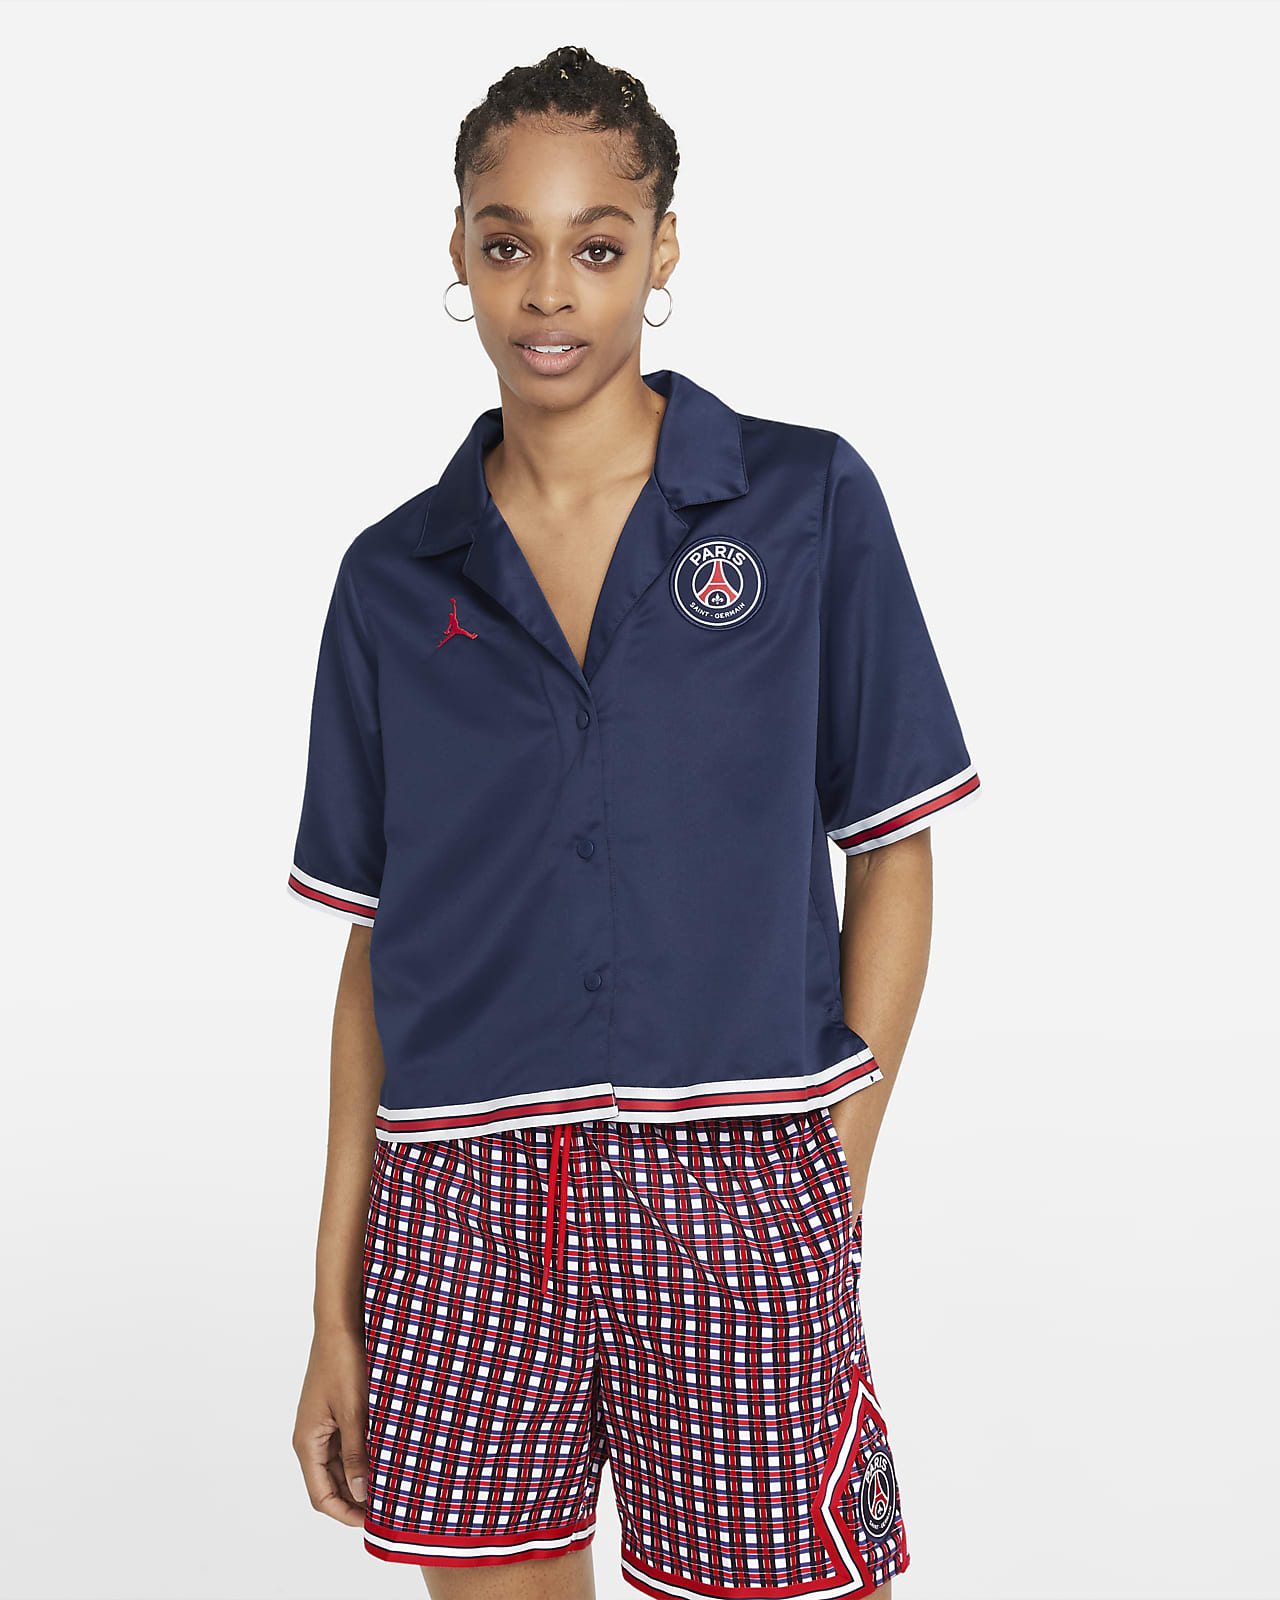 巴黎圣日耳曼女子短袖上衣